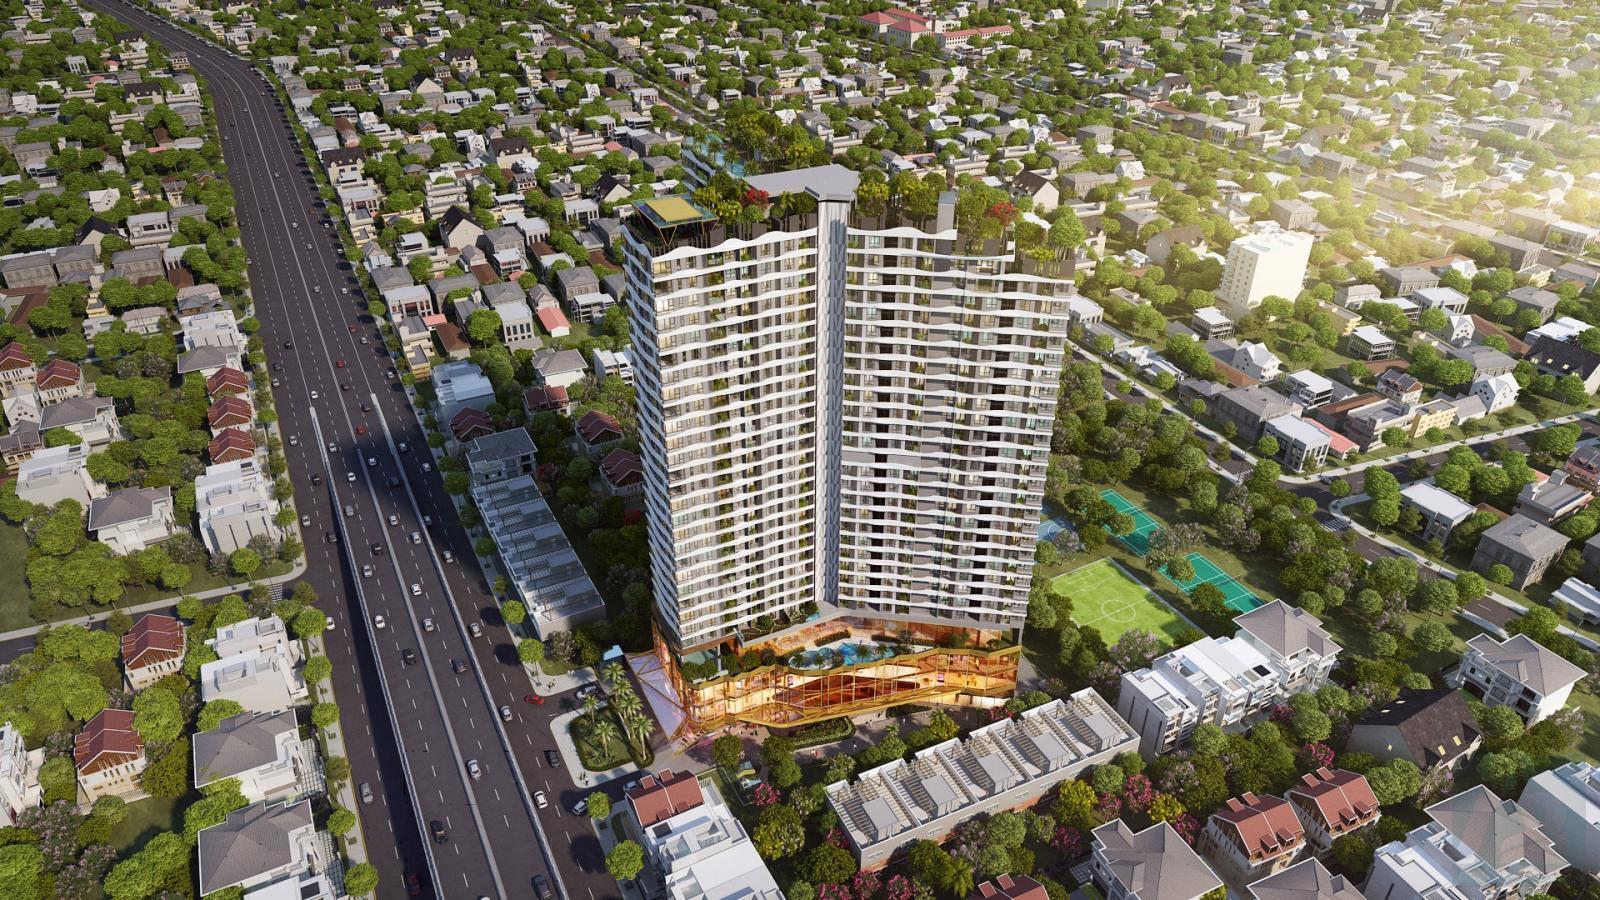 tòa nhà cao tầng nằm trong thành phố, cạnh đường lớn